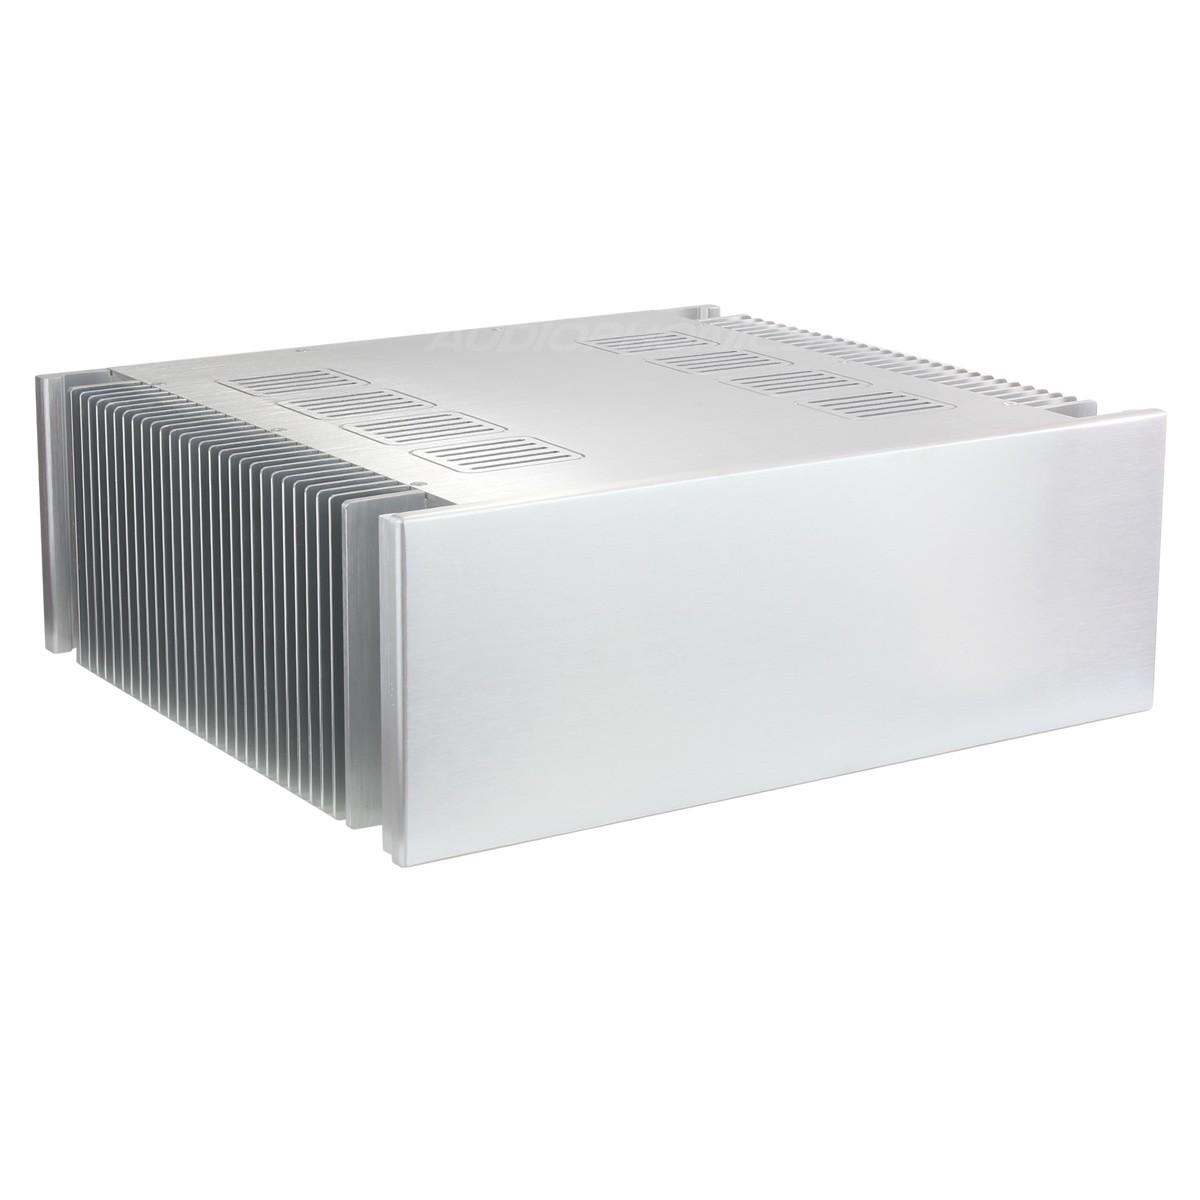 Boitier DIY 100% Aluminium ventilé avec dissipateurs 432x390x150mm